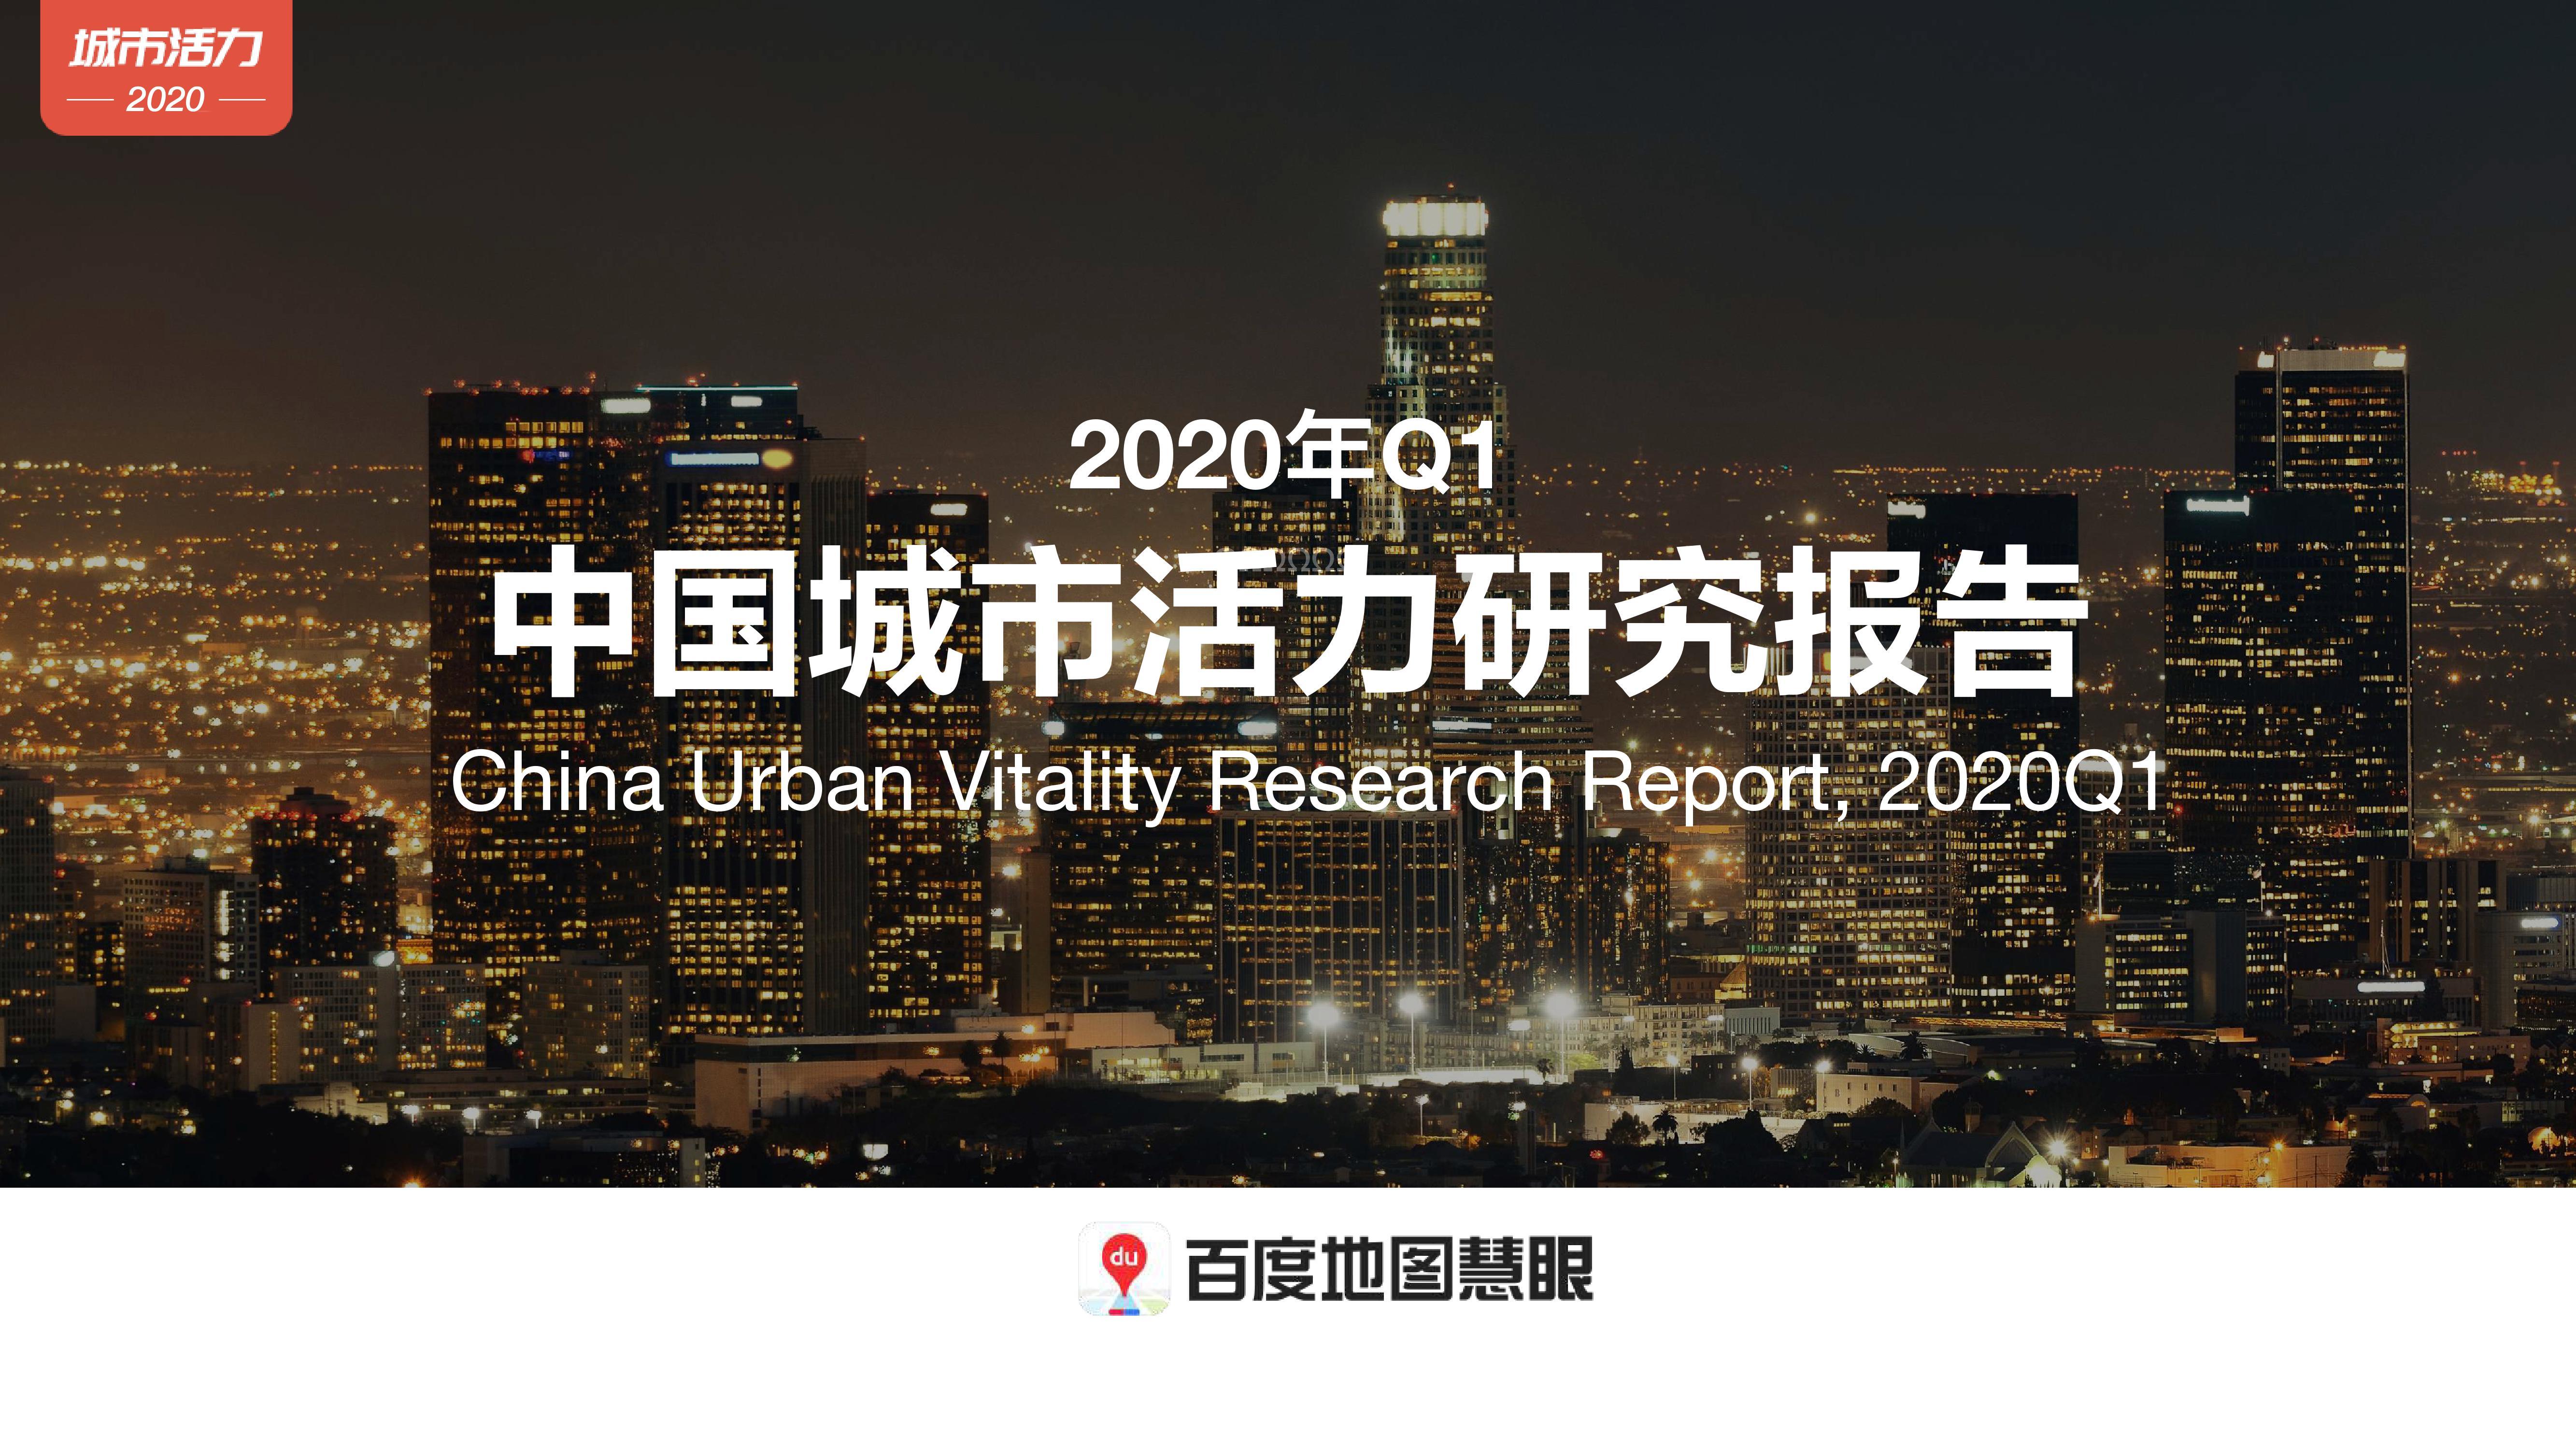 百度地图:2020年第一季度中国城市活力研究报告(附下载)